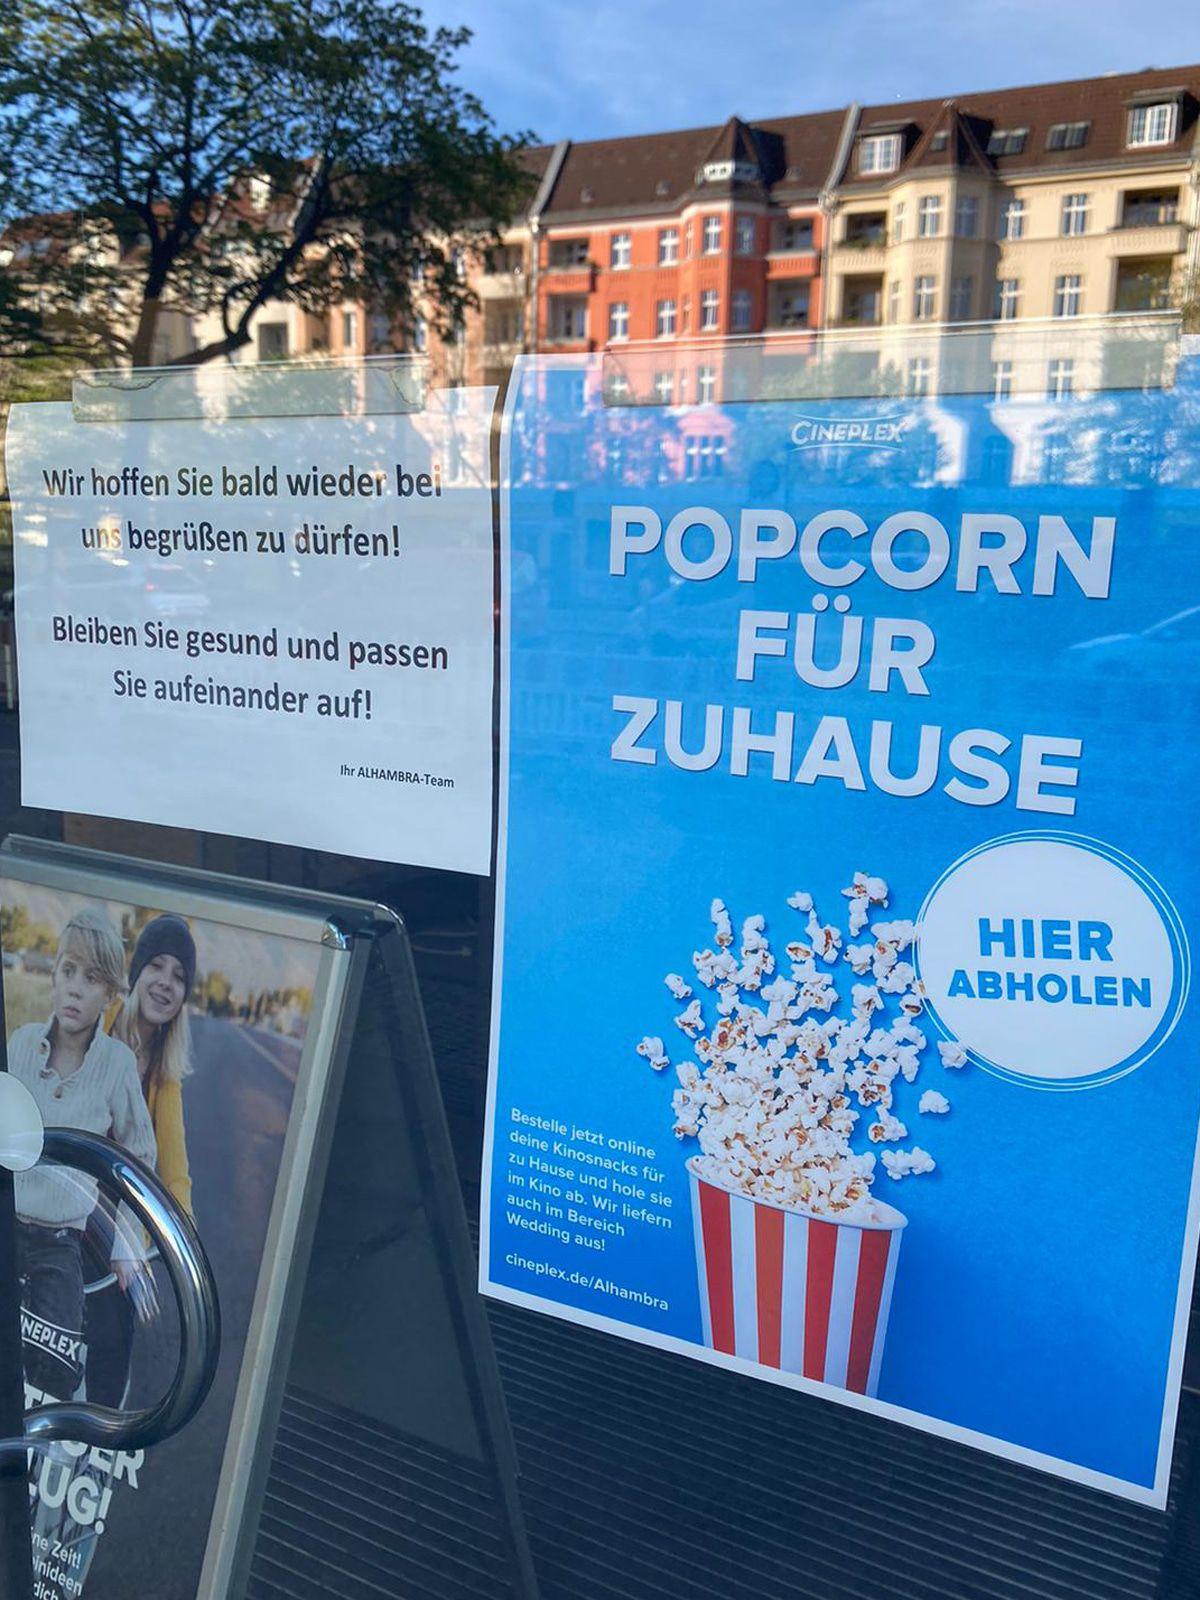 Unsere Julia war heute im Kino! Nee, oder?!